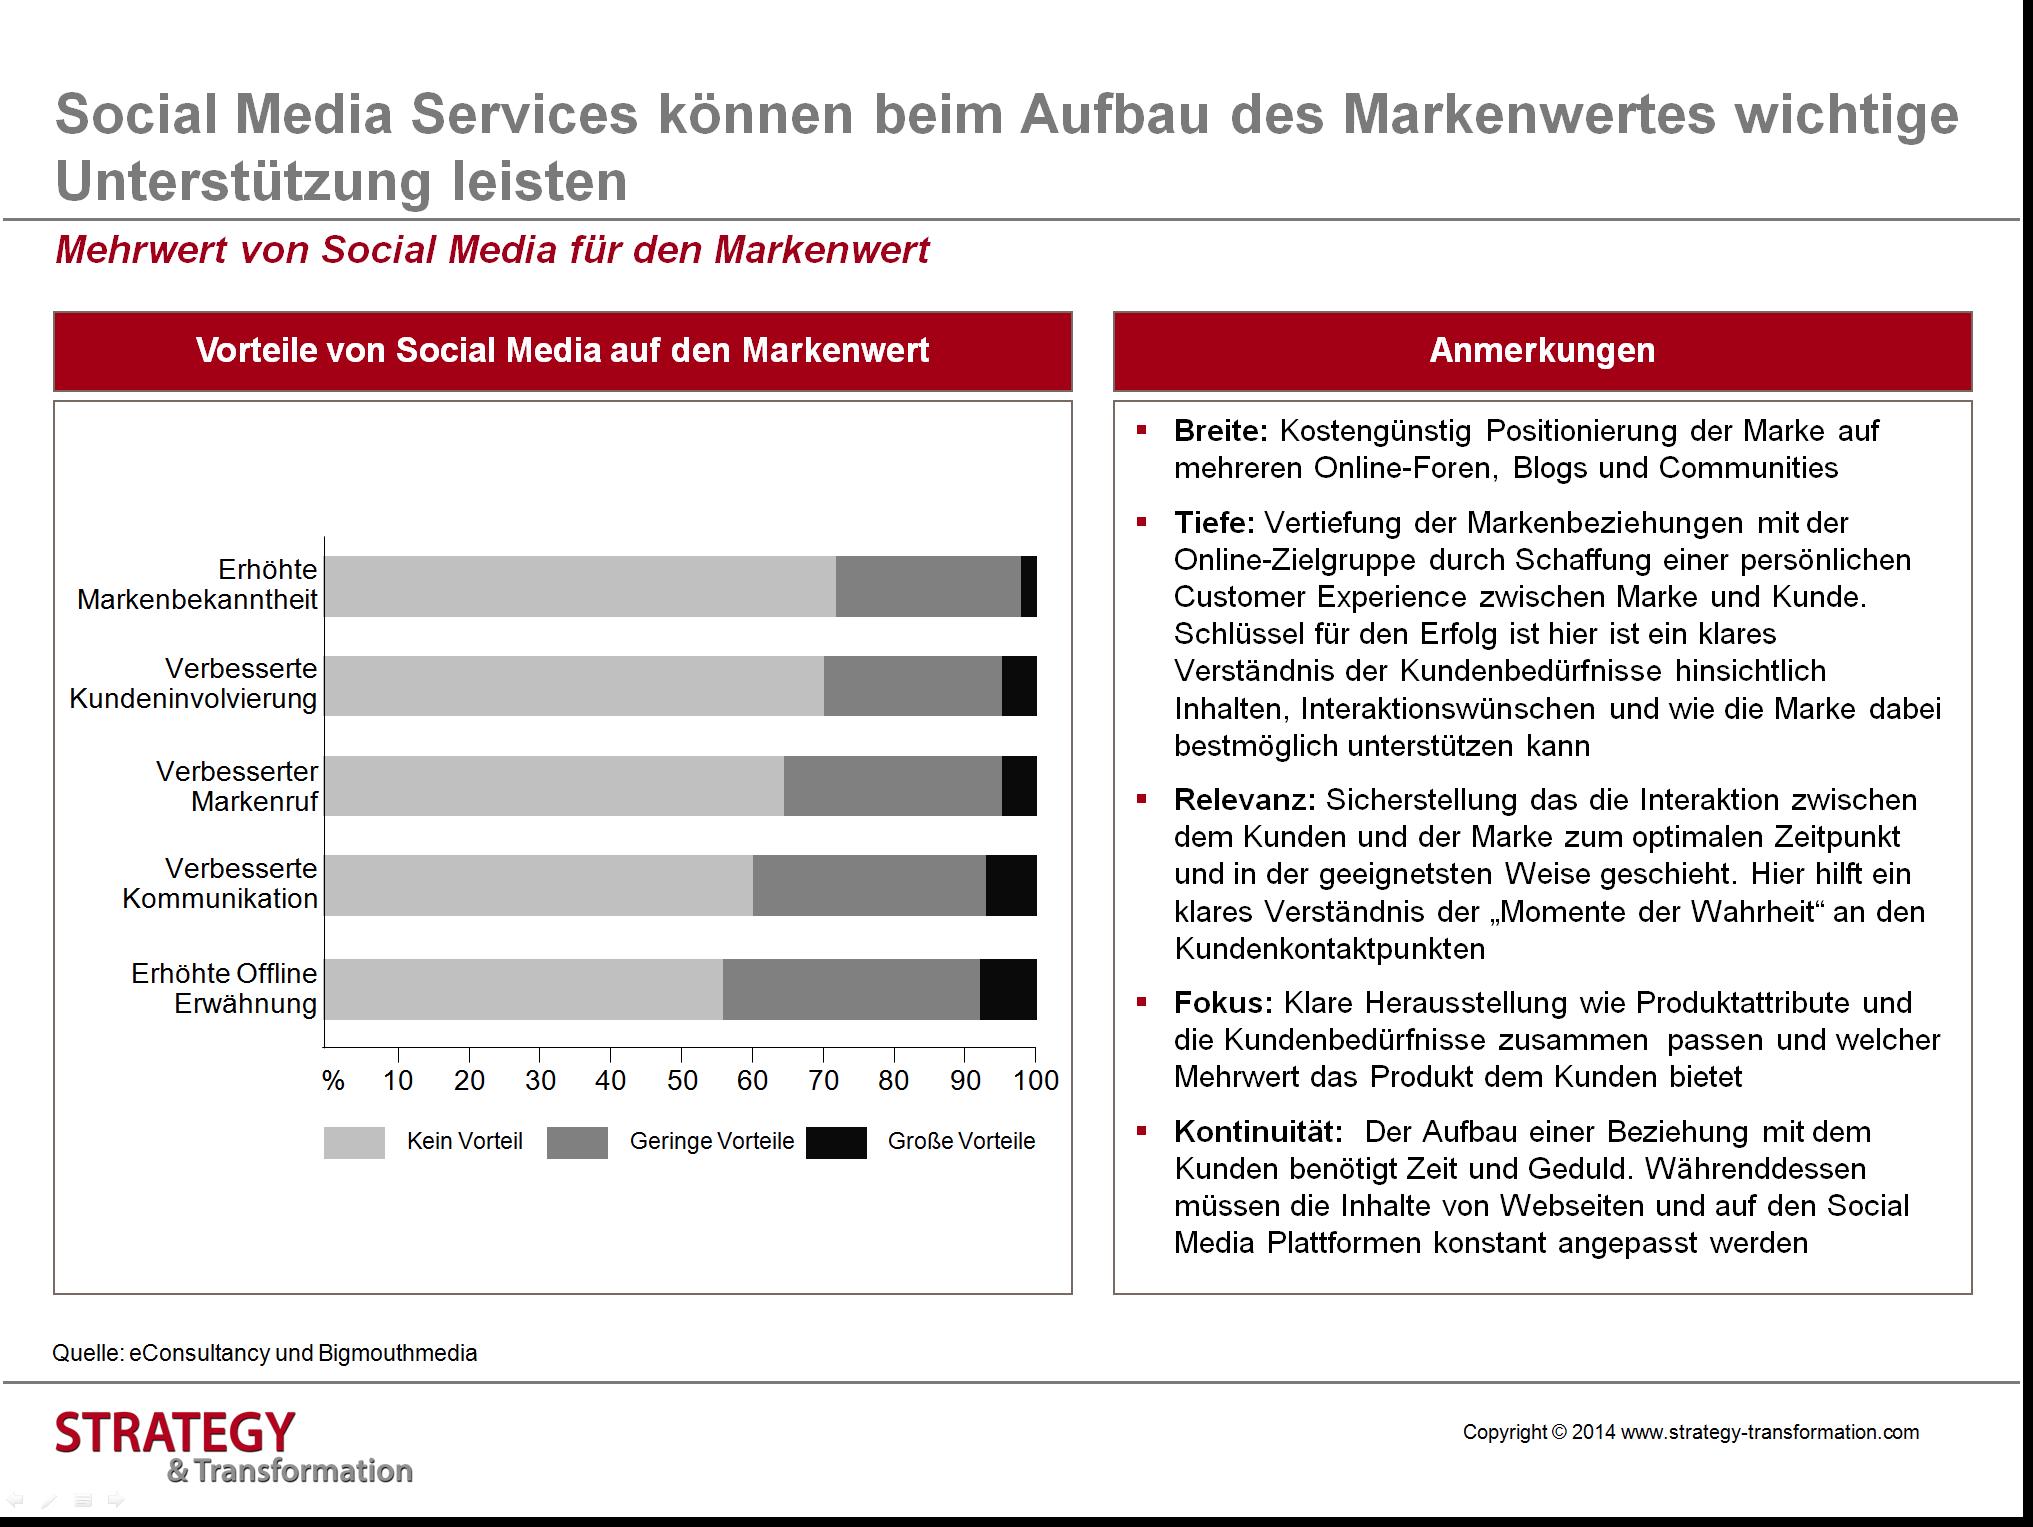 Social Media verstehen_Mehrwert für Markenwert